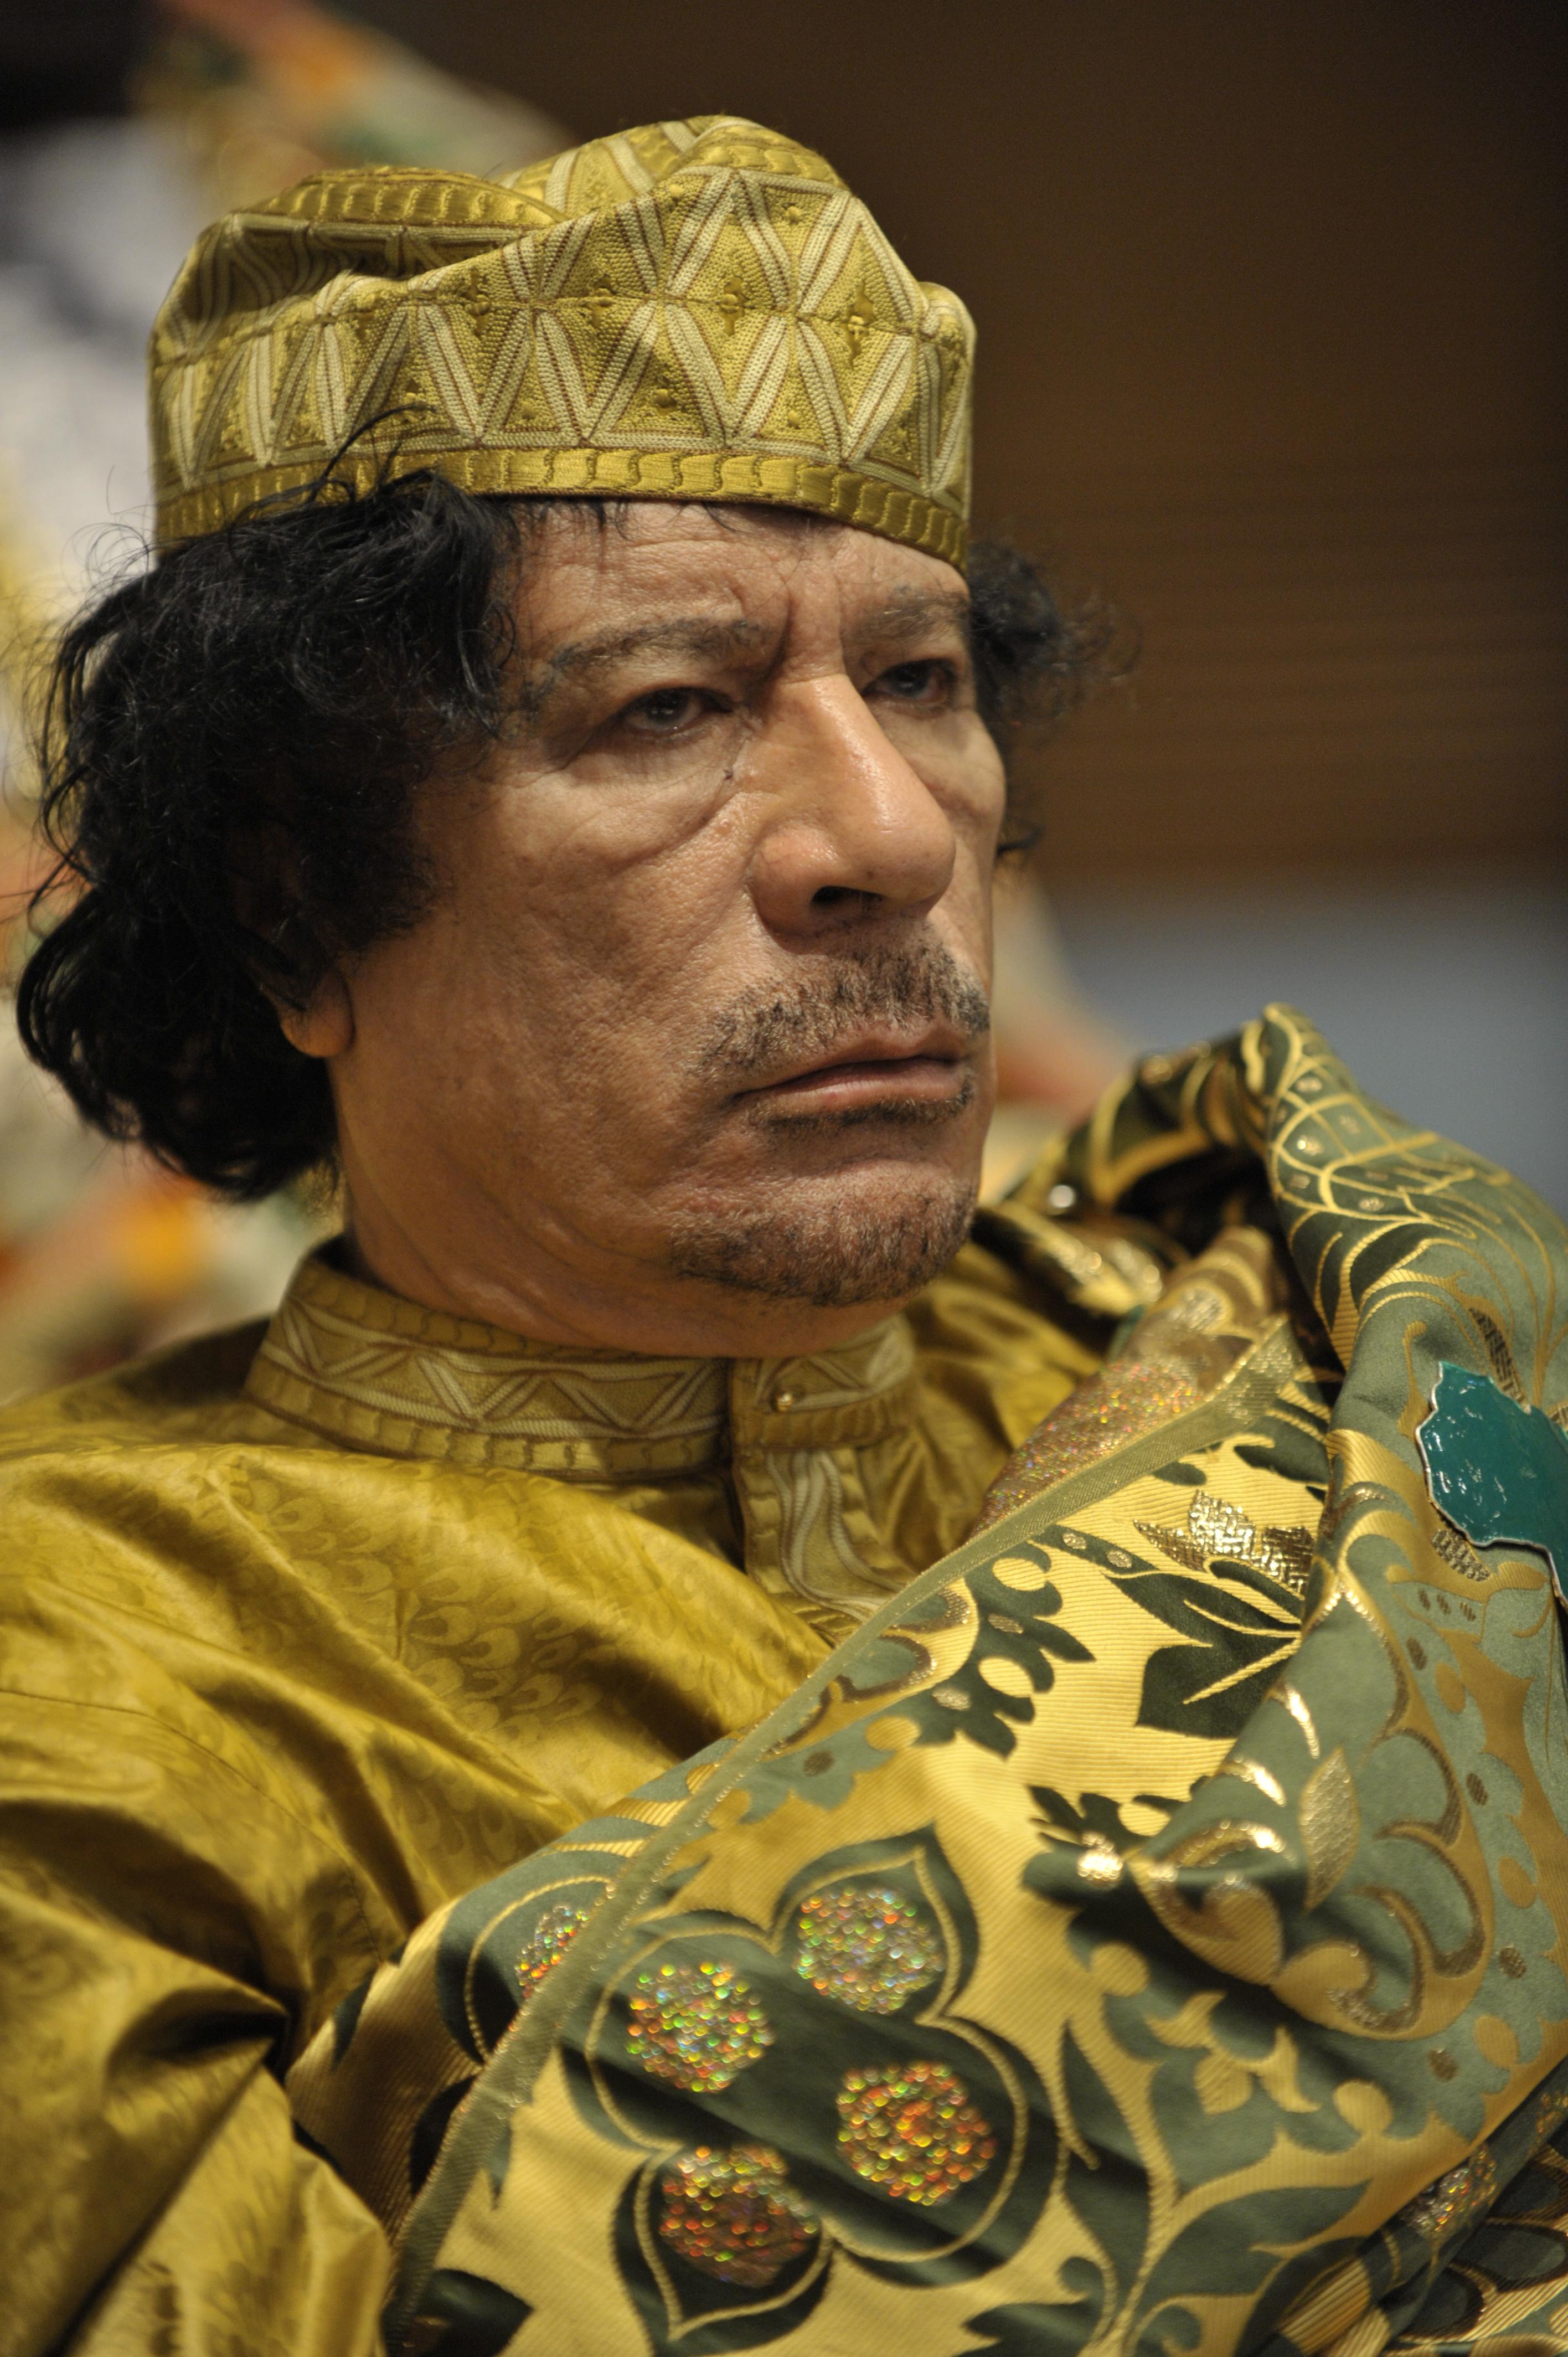 Depiction of Muamar el Gadafi